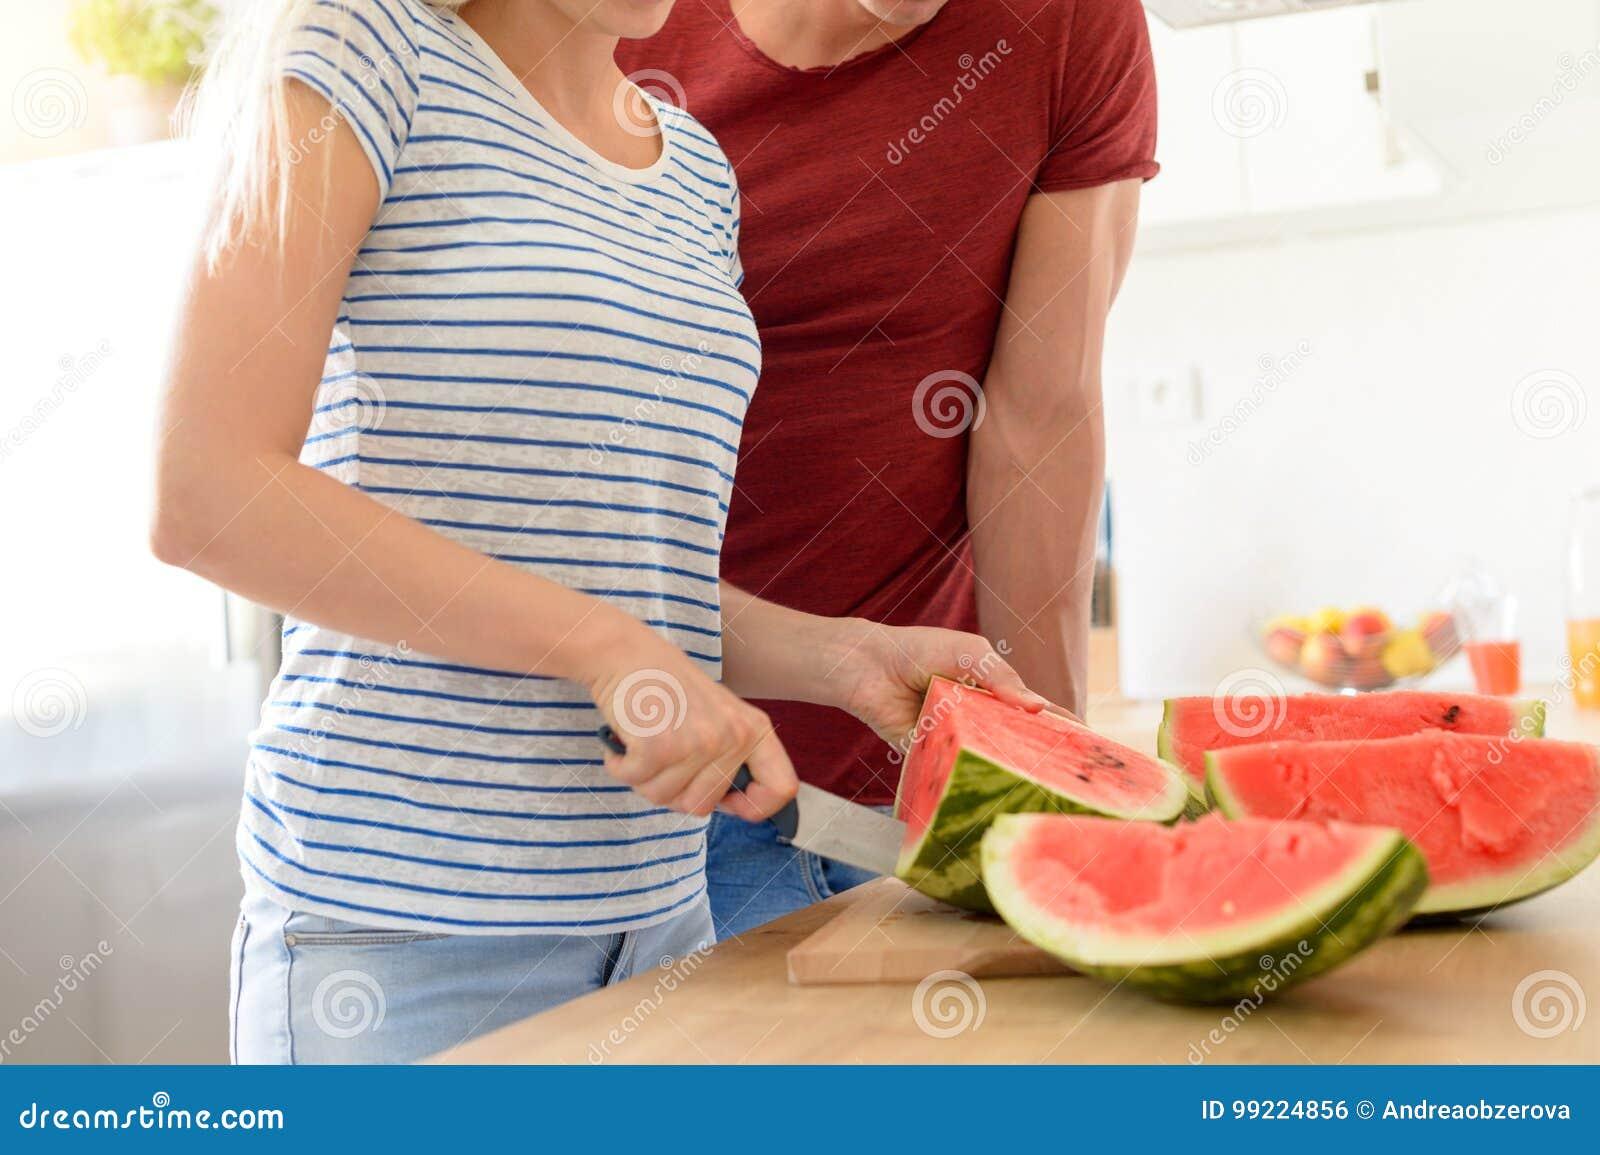 Giovani coppie in una cucina che affetta anguria rossa Coppie nella loro cucina bianca contemporanea